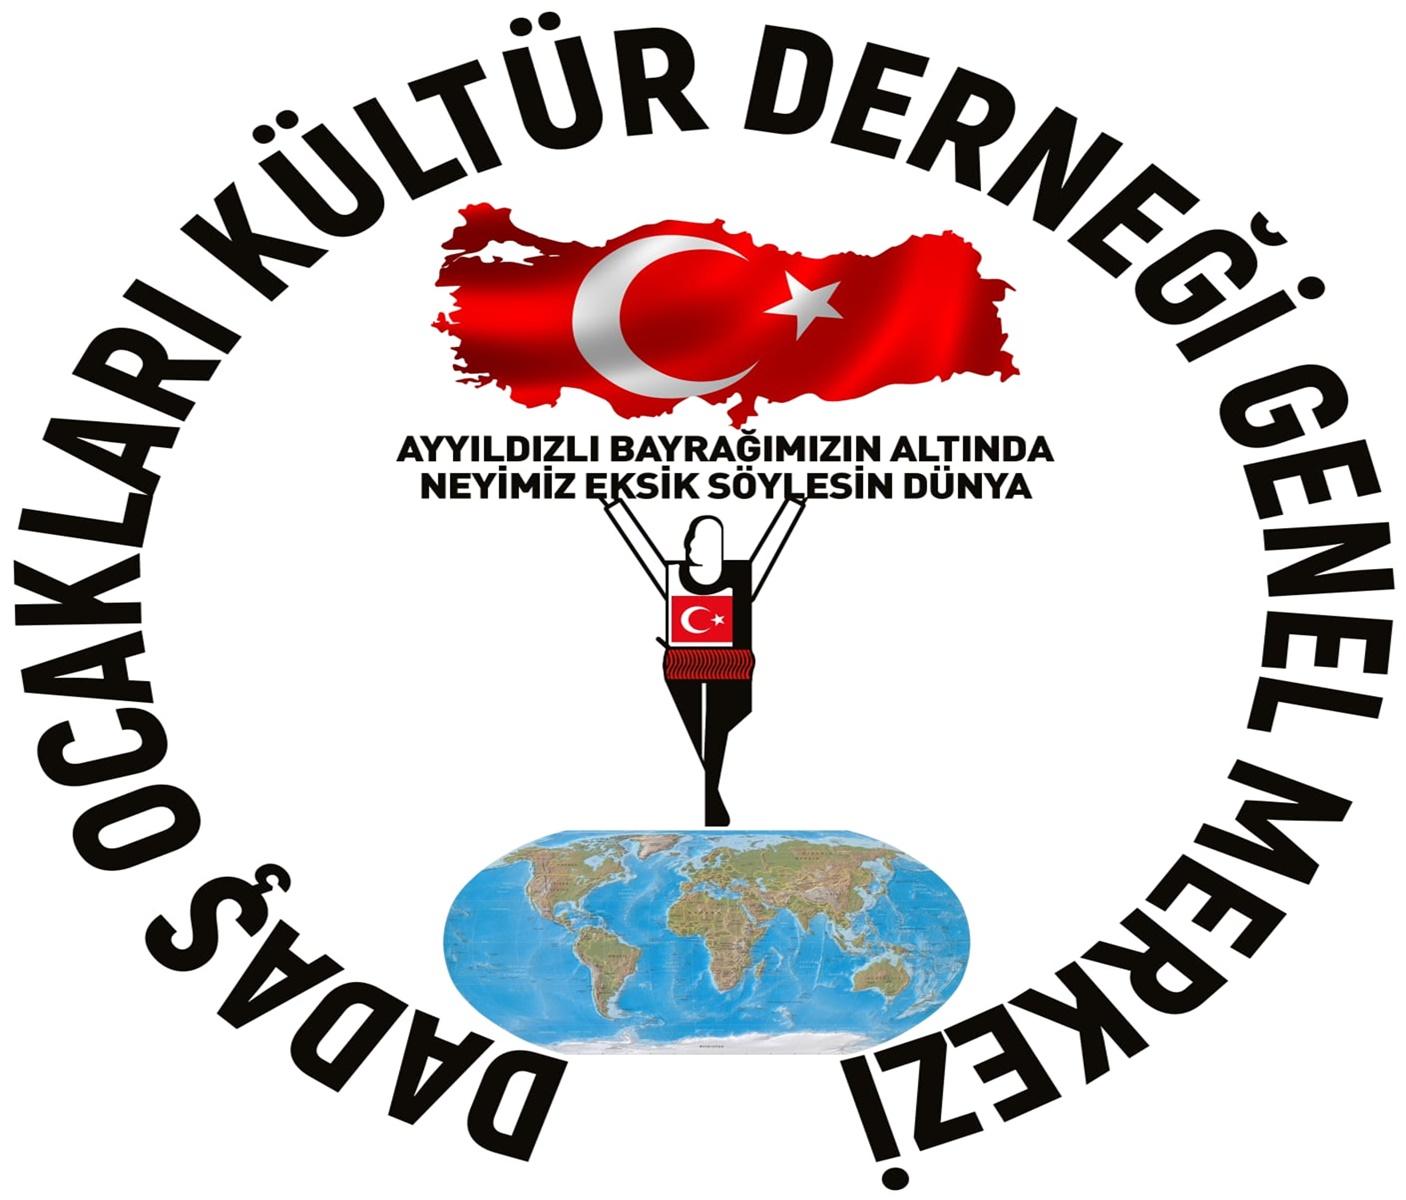 Dadaş Ocaklarından 12 Mart Erzurumun Kurtuluş Mesajı